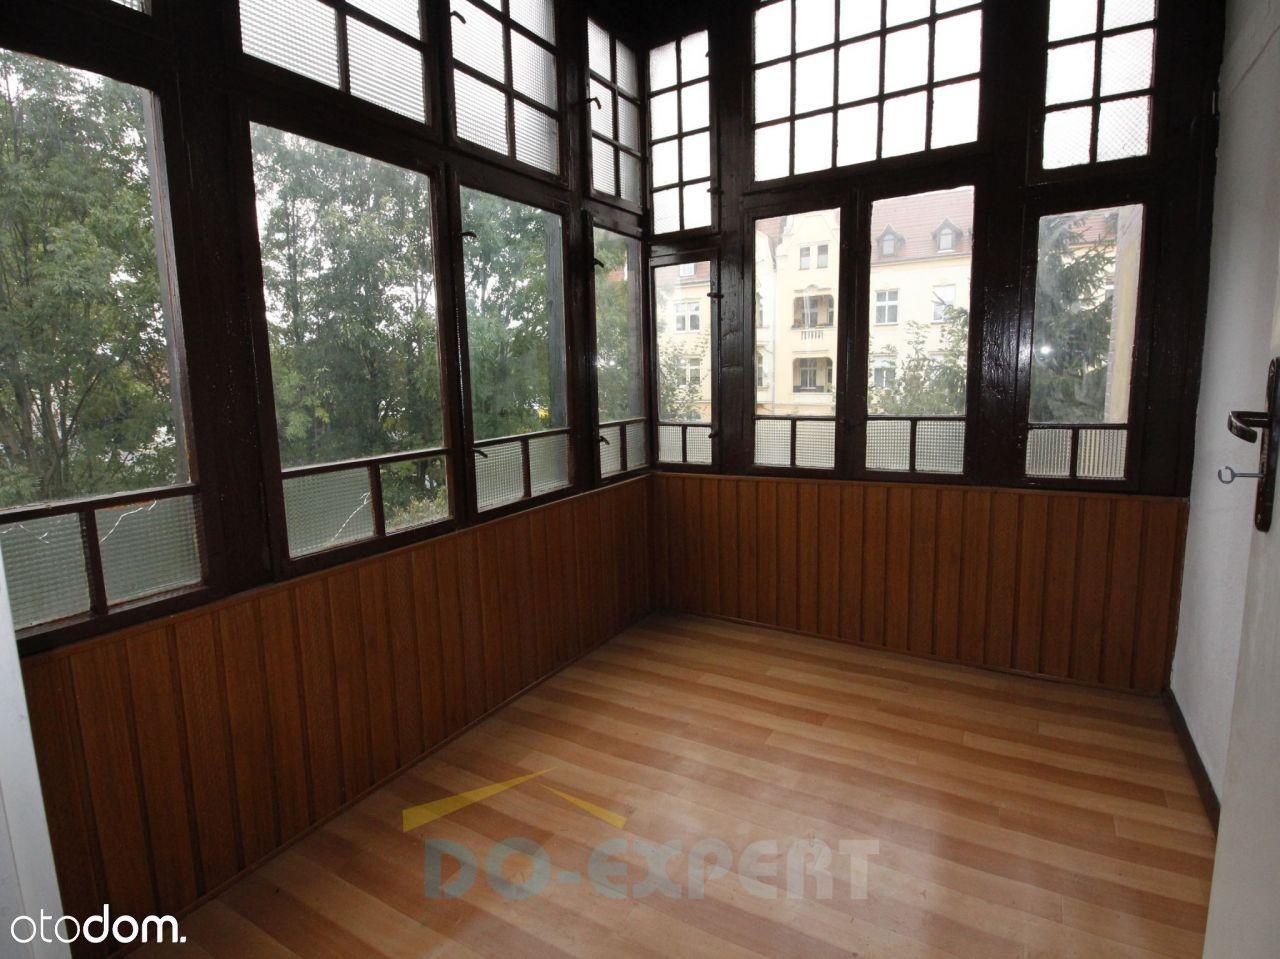 Mieszkanie na sprzedaż, Ząbkowice Śląskie, ząbkowicki, dolnośląskie - Foto 13